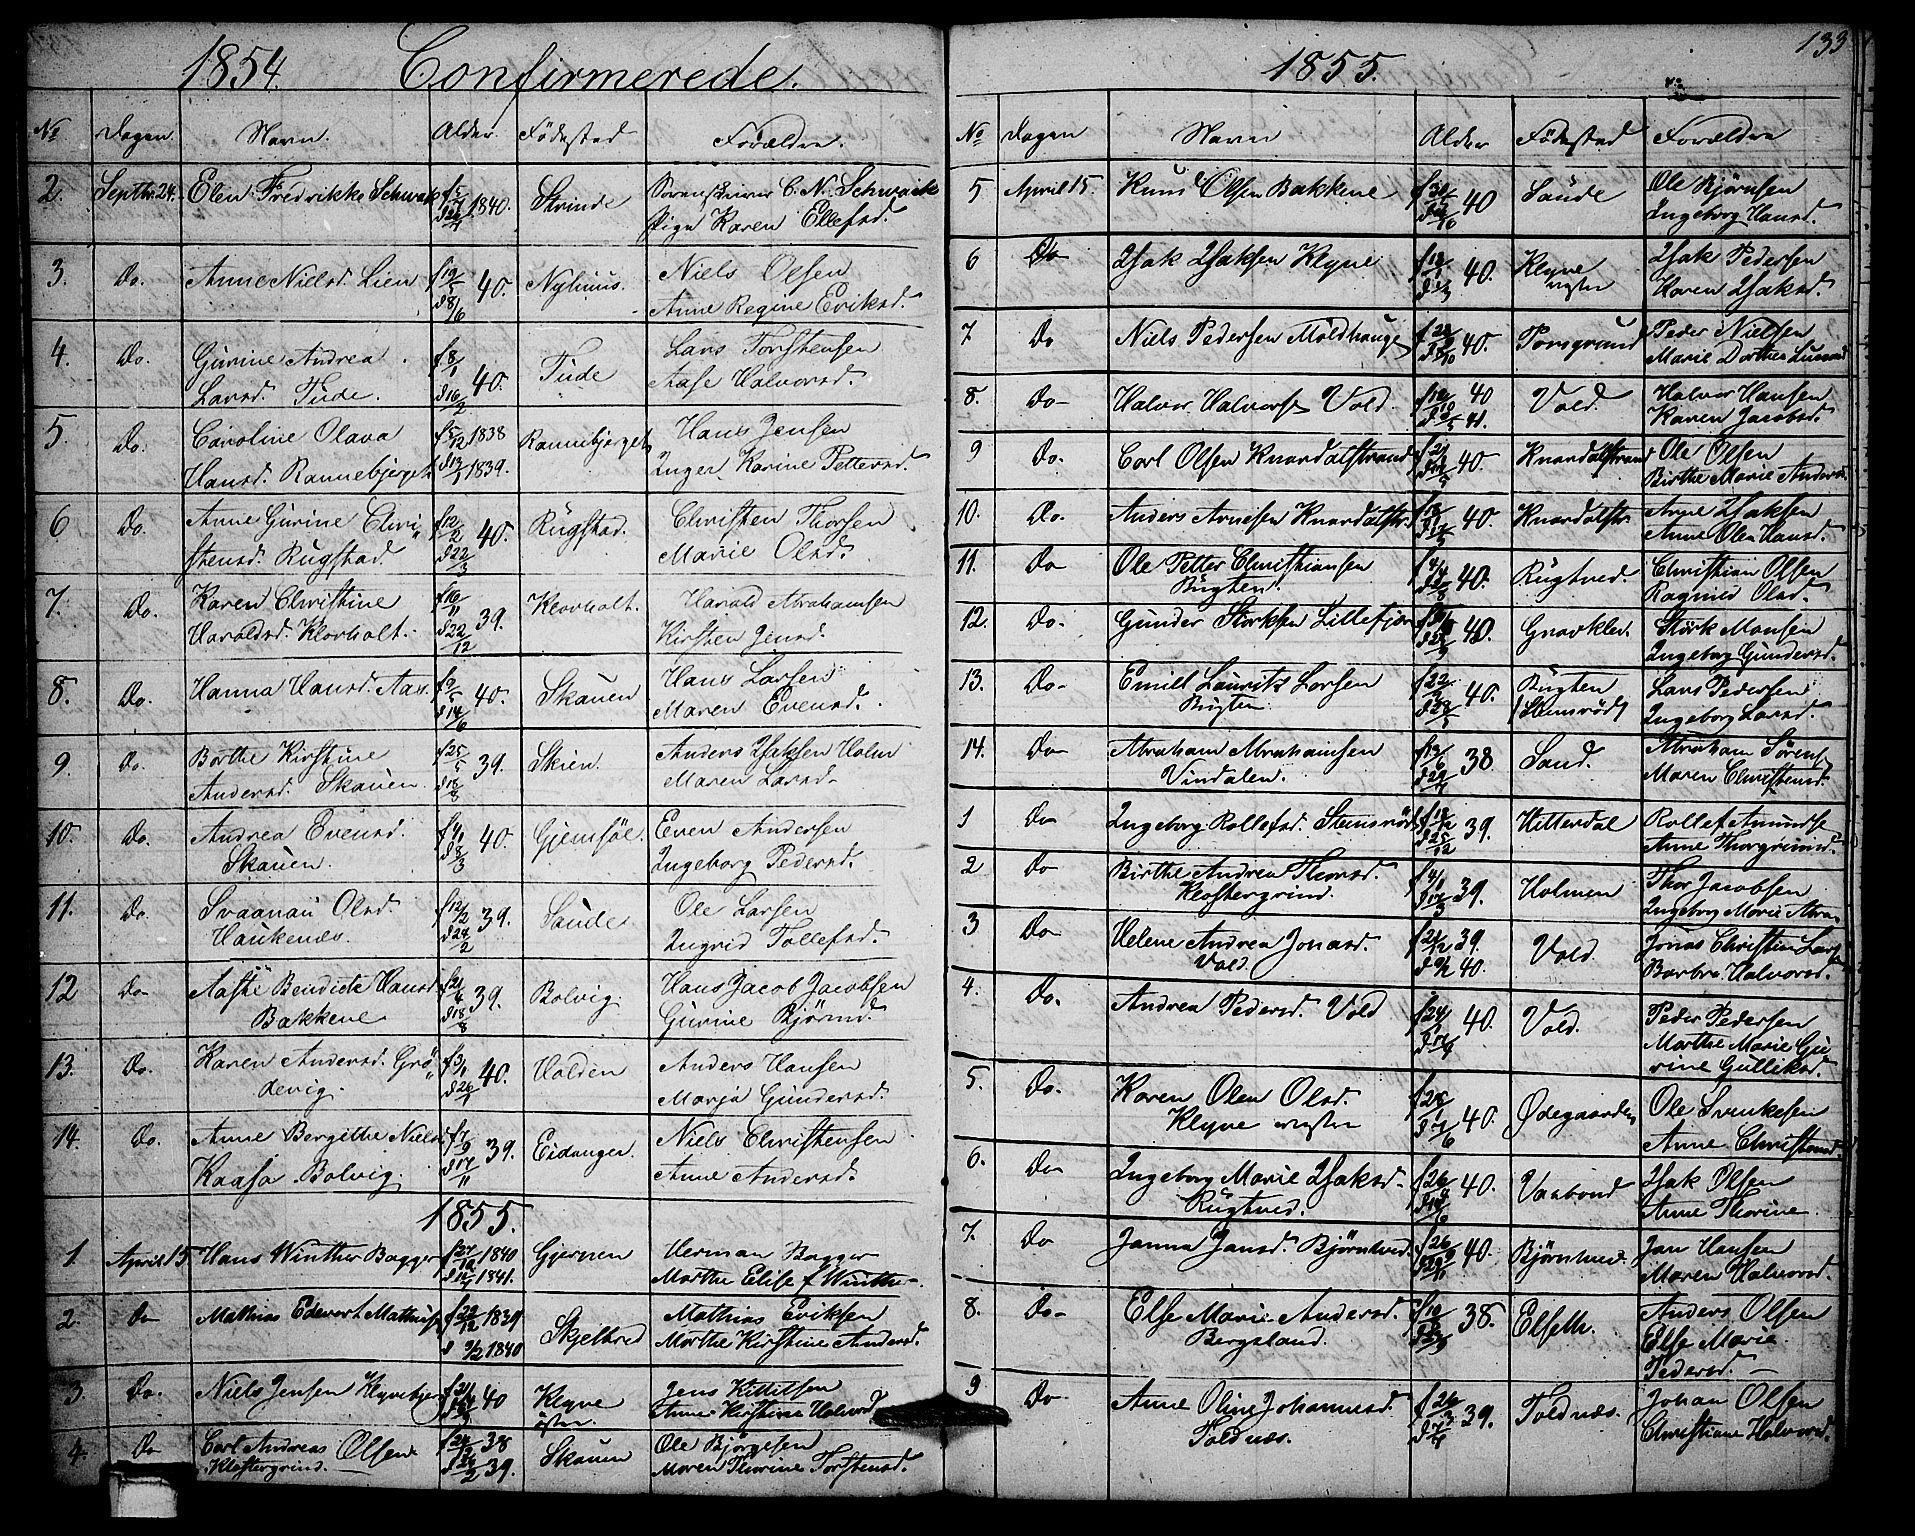 SAKO, Solum kirkebøker, G/Ga/L0003: Klokkerbok nr. I 3, 1848-1859, s. 133